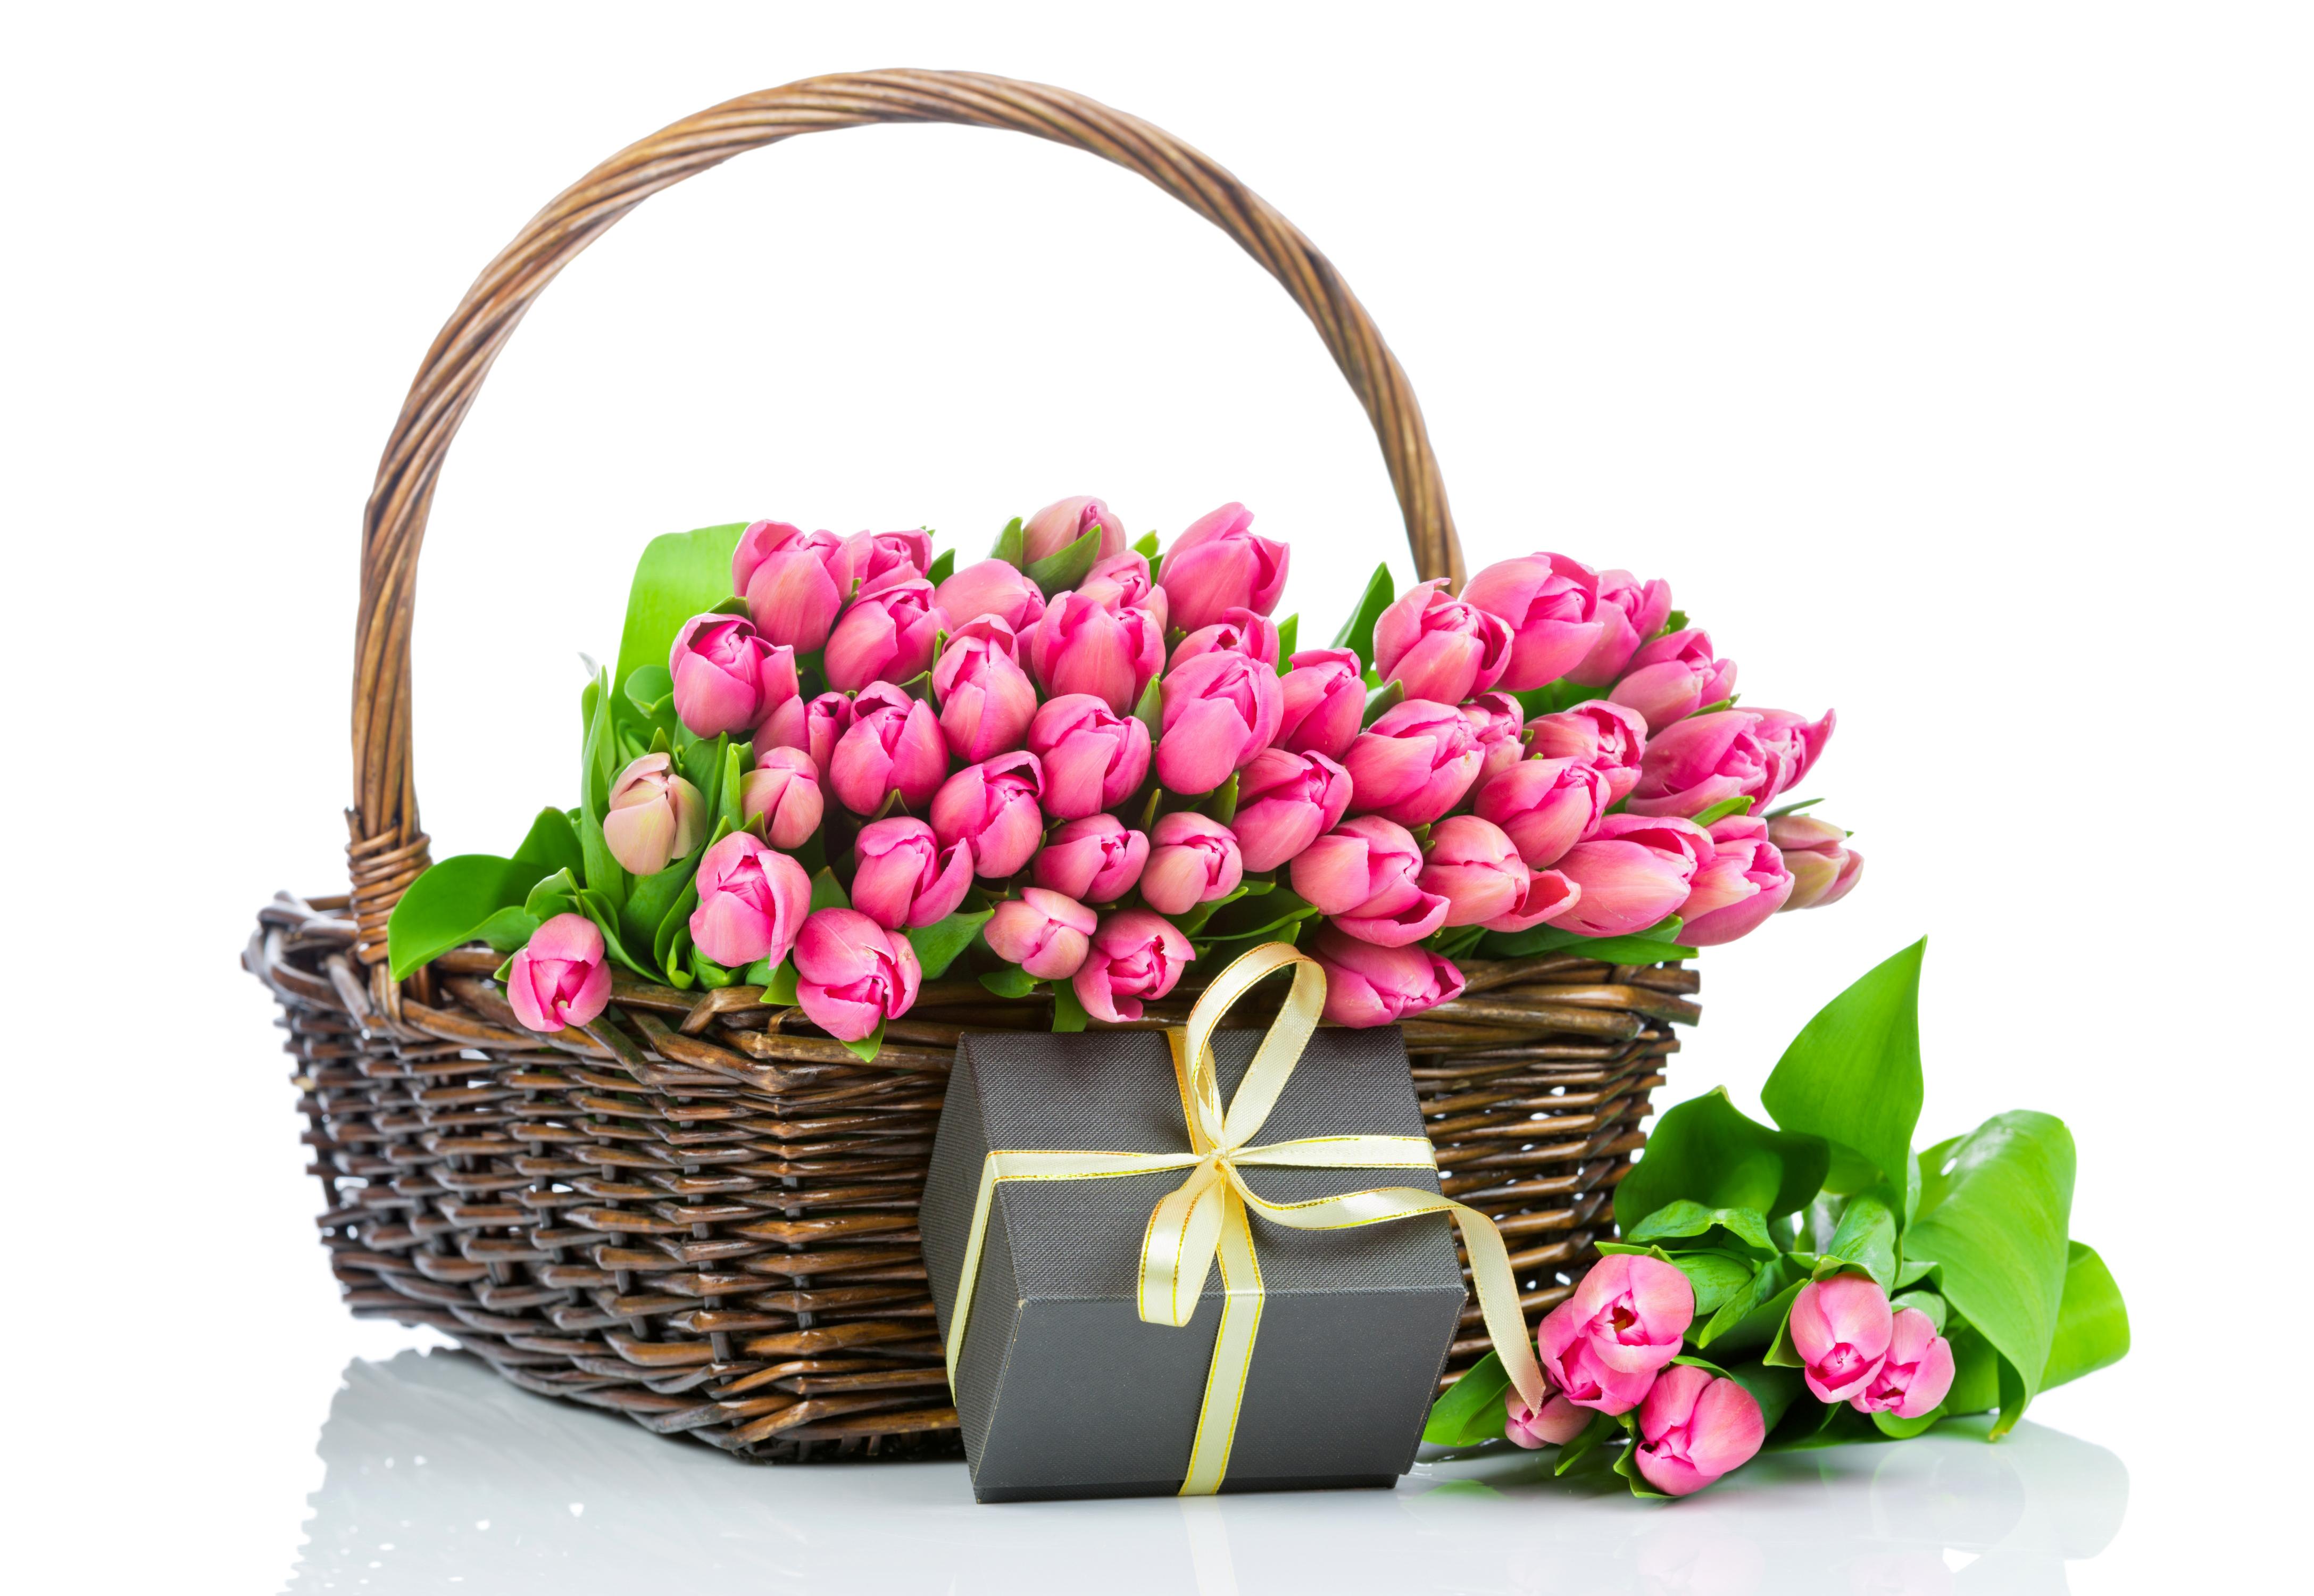 Открытка корзина с тюльпанами, надписью